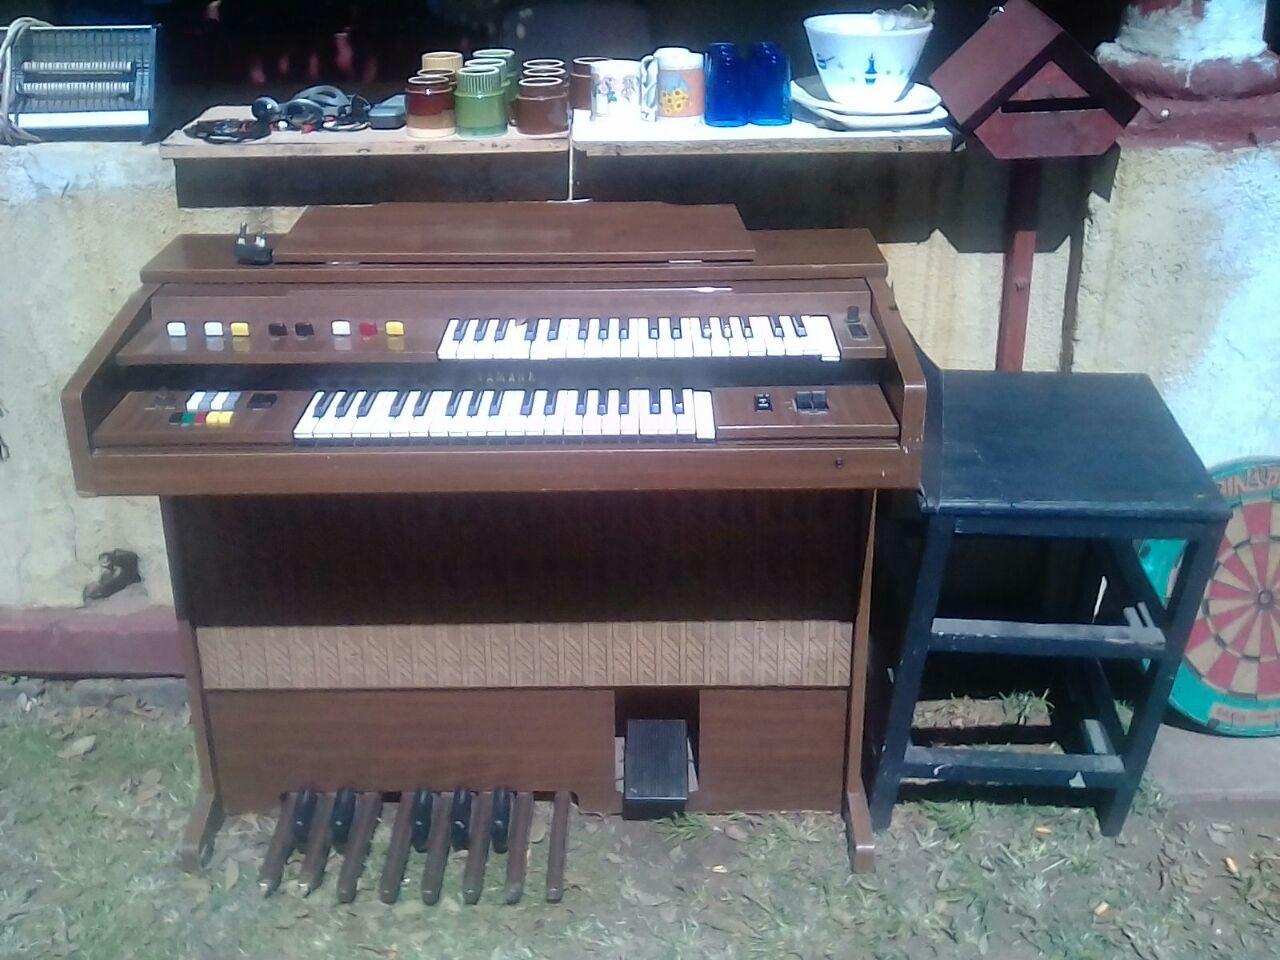 Stunning Yamaha Piano for sale